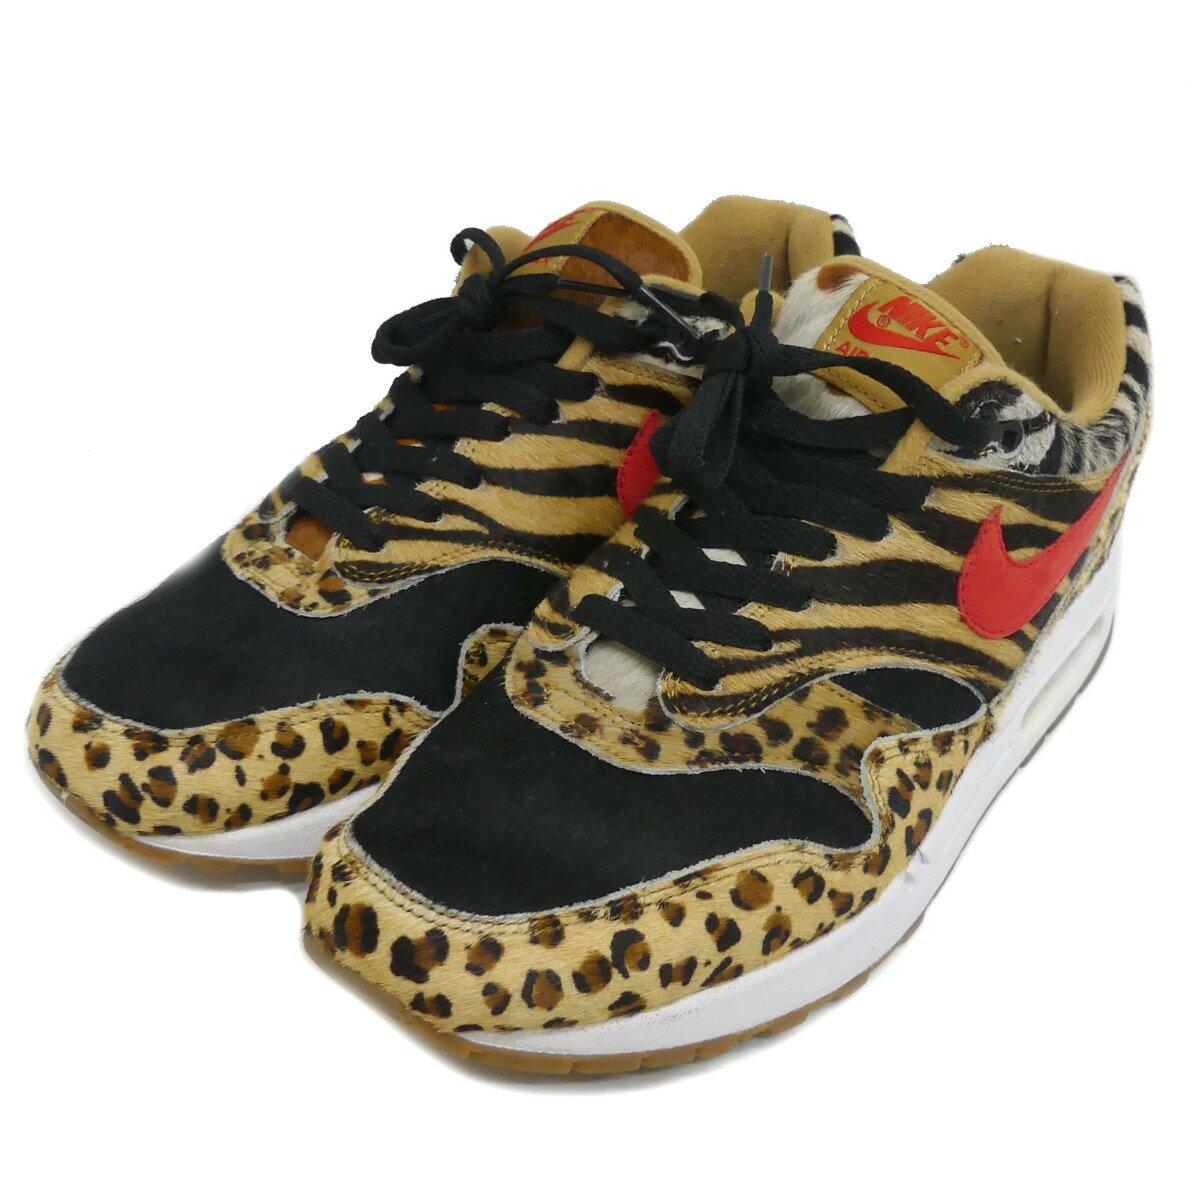 メンズ靴, スニーカー NIKE AIR MAX 1 DLX ANIMAL PACK 28cm 300121